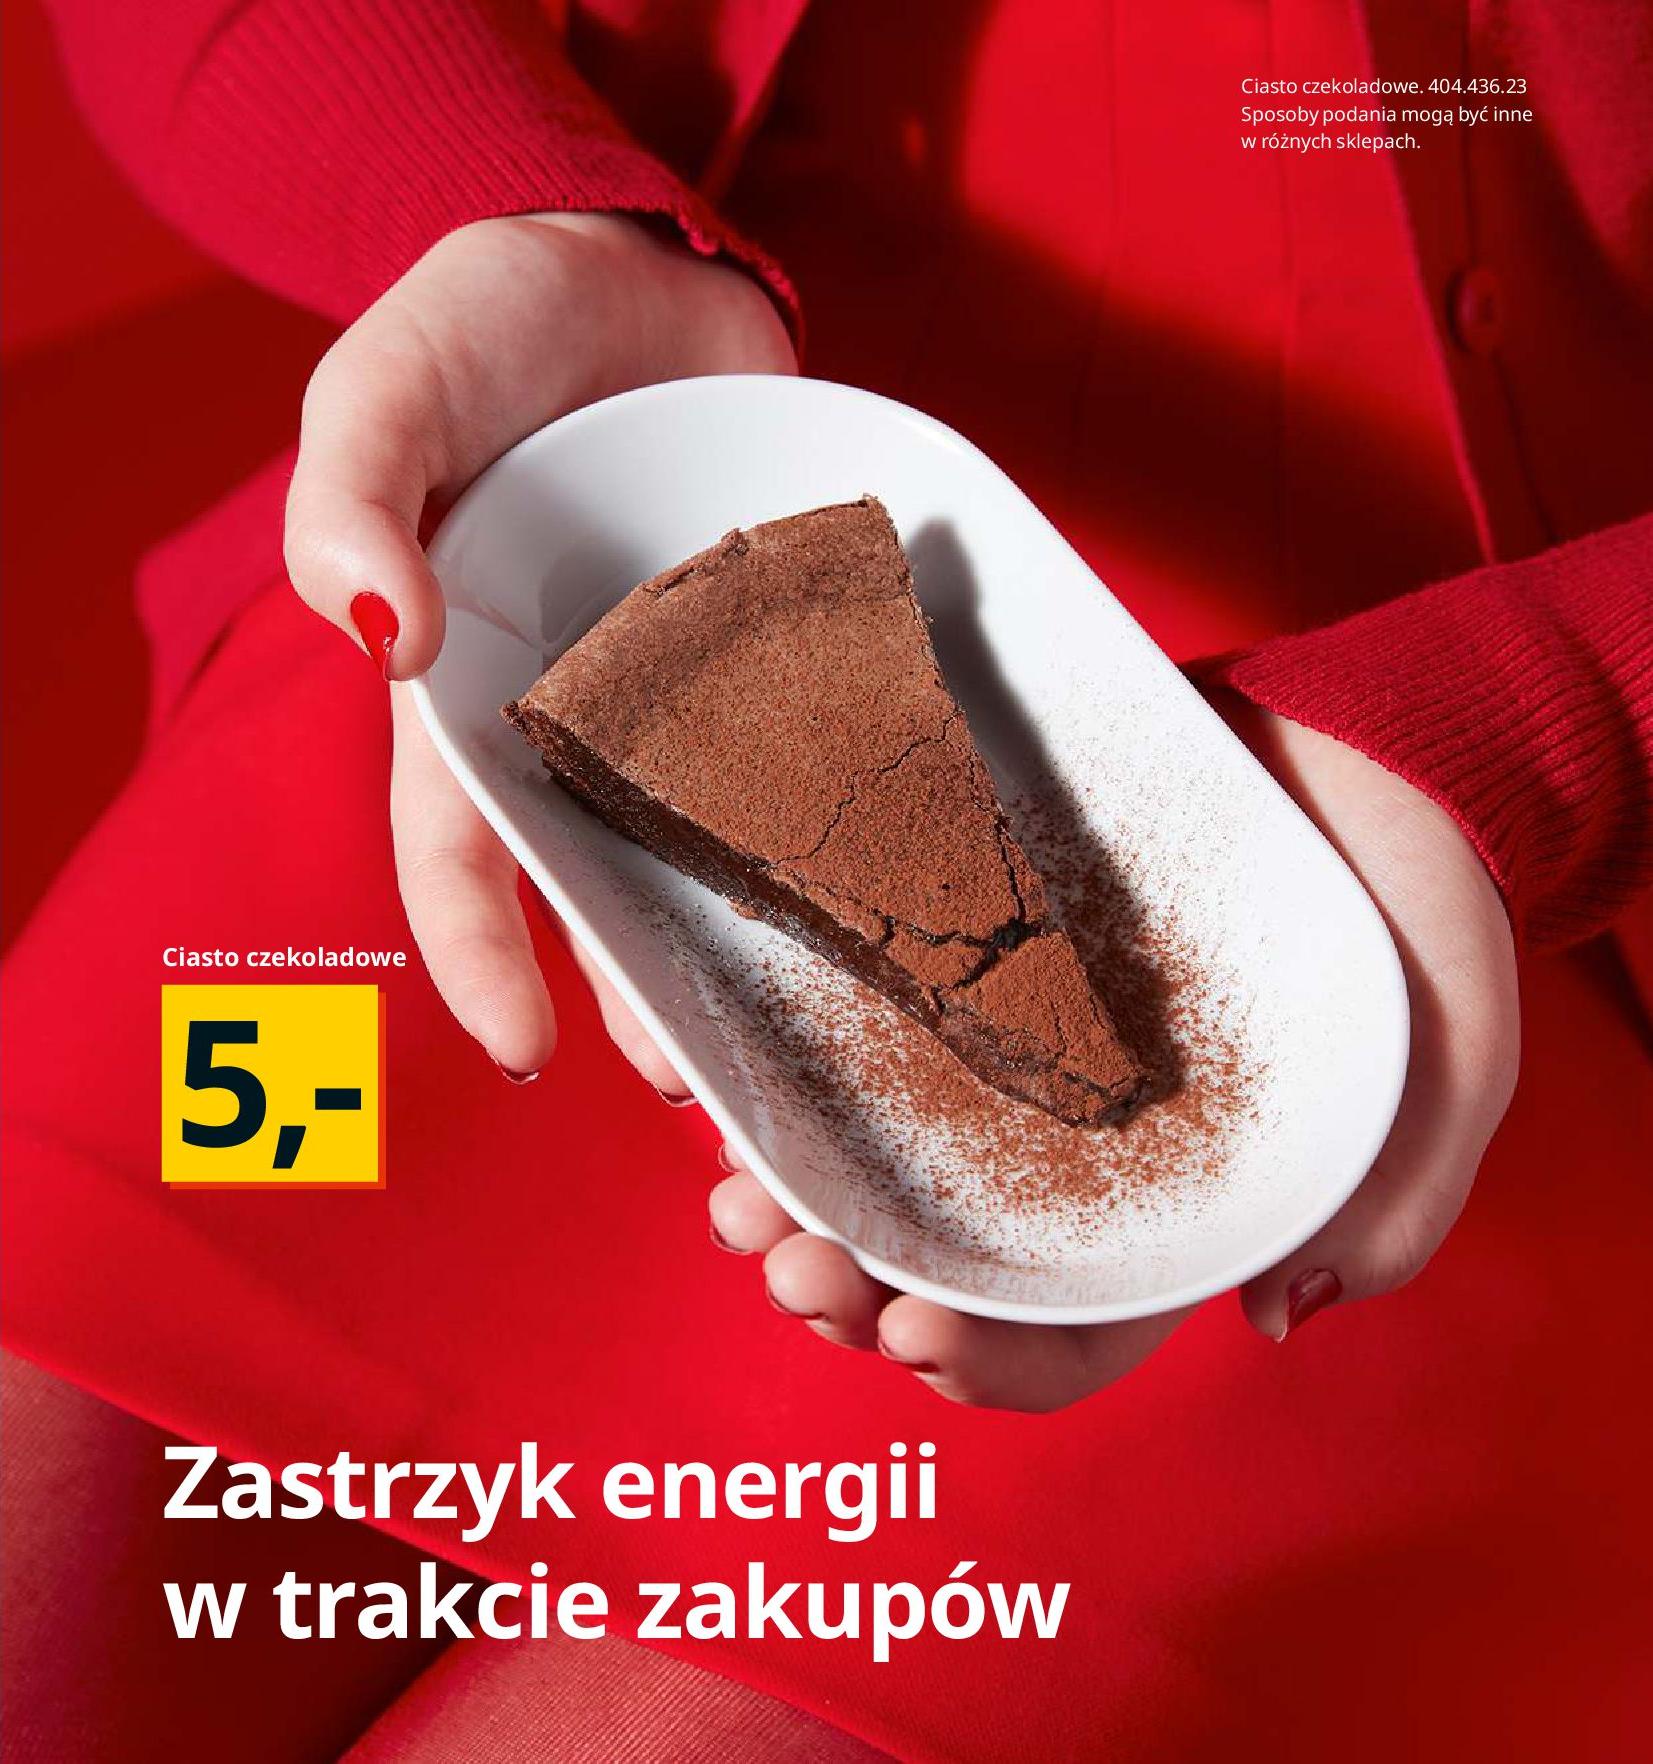 Gazetka IKEA - Katalog IKEA 2020-25.08.2019-31.07.2020-page-273